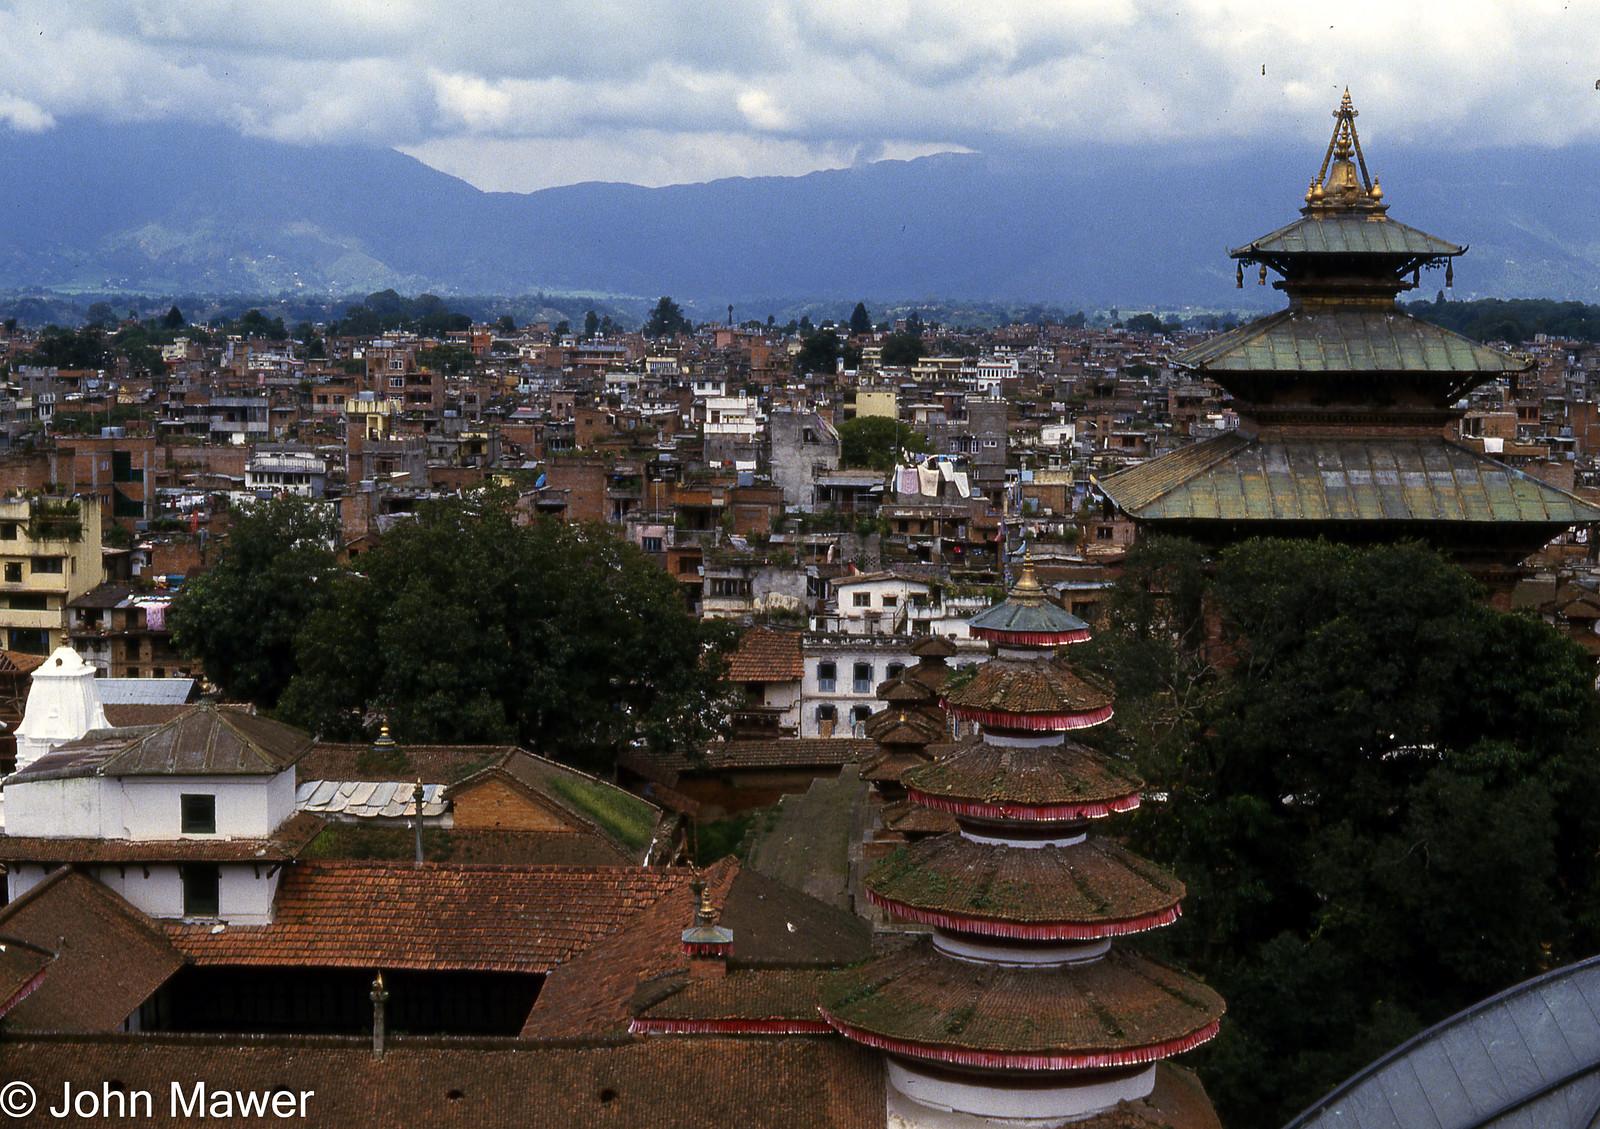 Chùm ảnh: Nepal năm 1987 qua ống kính nhiếp ảnh gia phương Tây